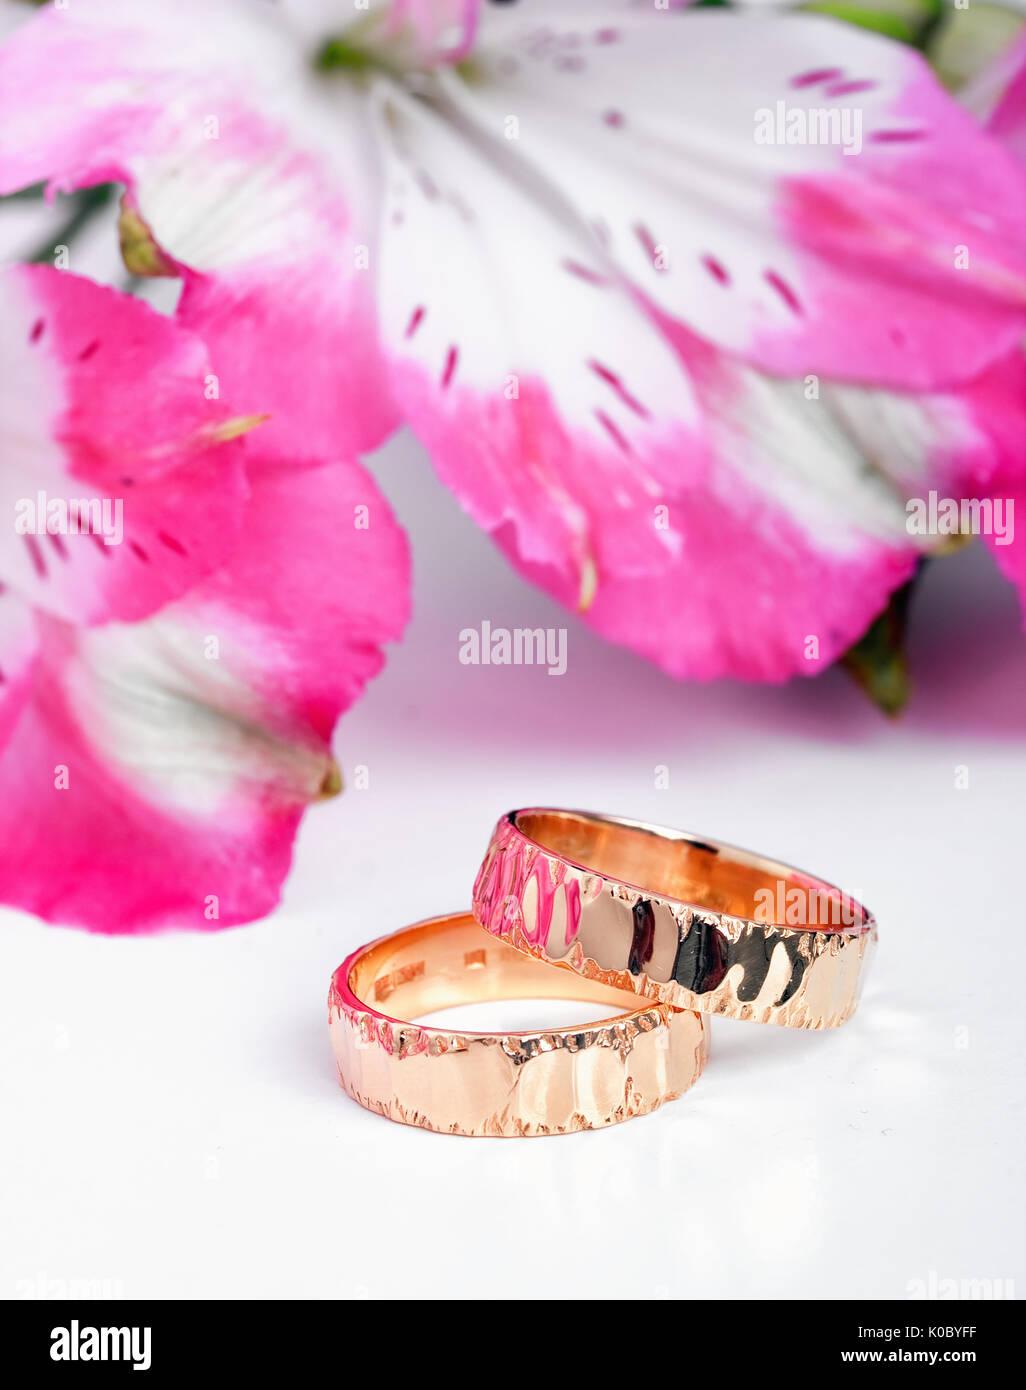 Ein Paar Goldene Hochzeit Ringe Mit Rosa Blumen Im Hintergrund